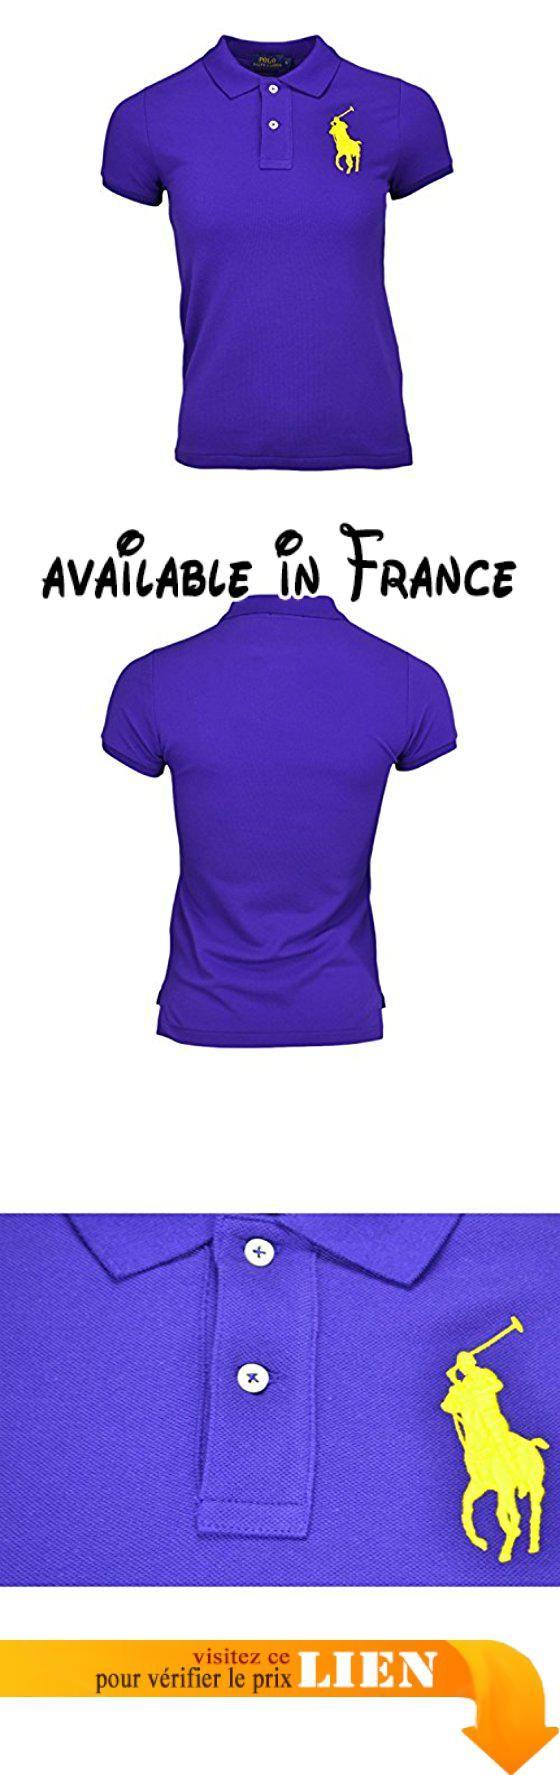 B01M17RK2C   Polo manches courtes Ralph Lauren Big Poney violet pour femme. 287a8841d17